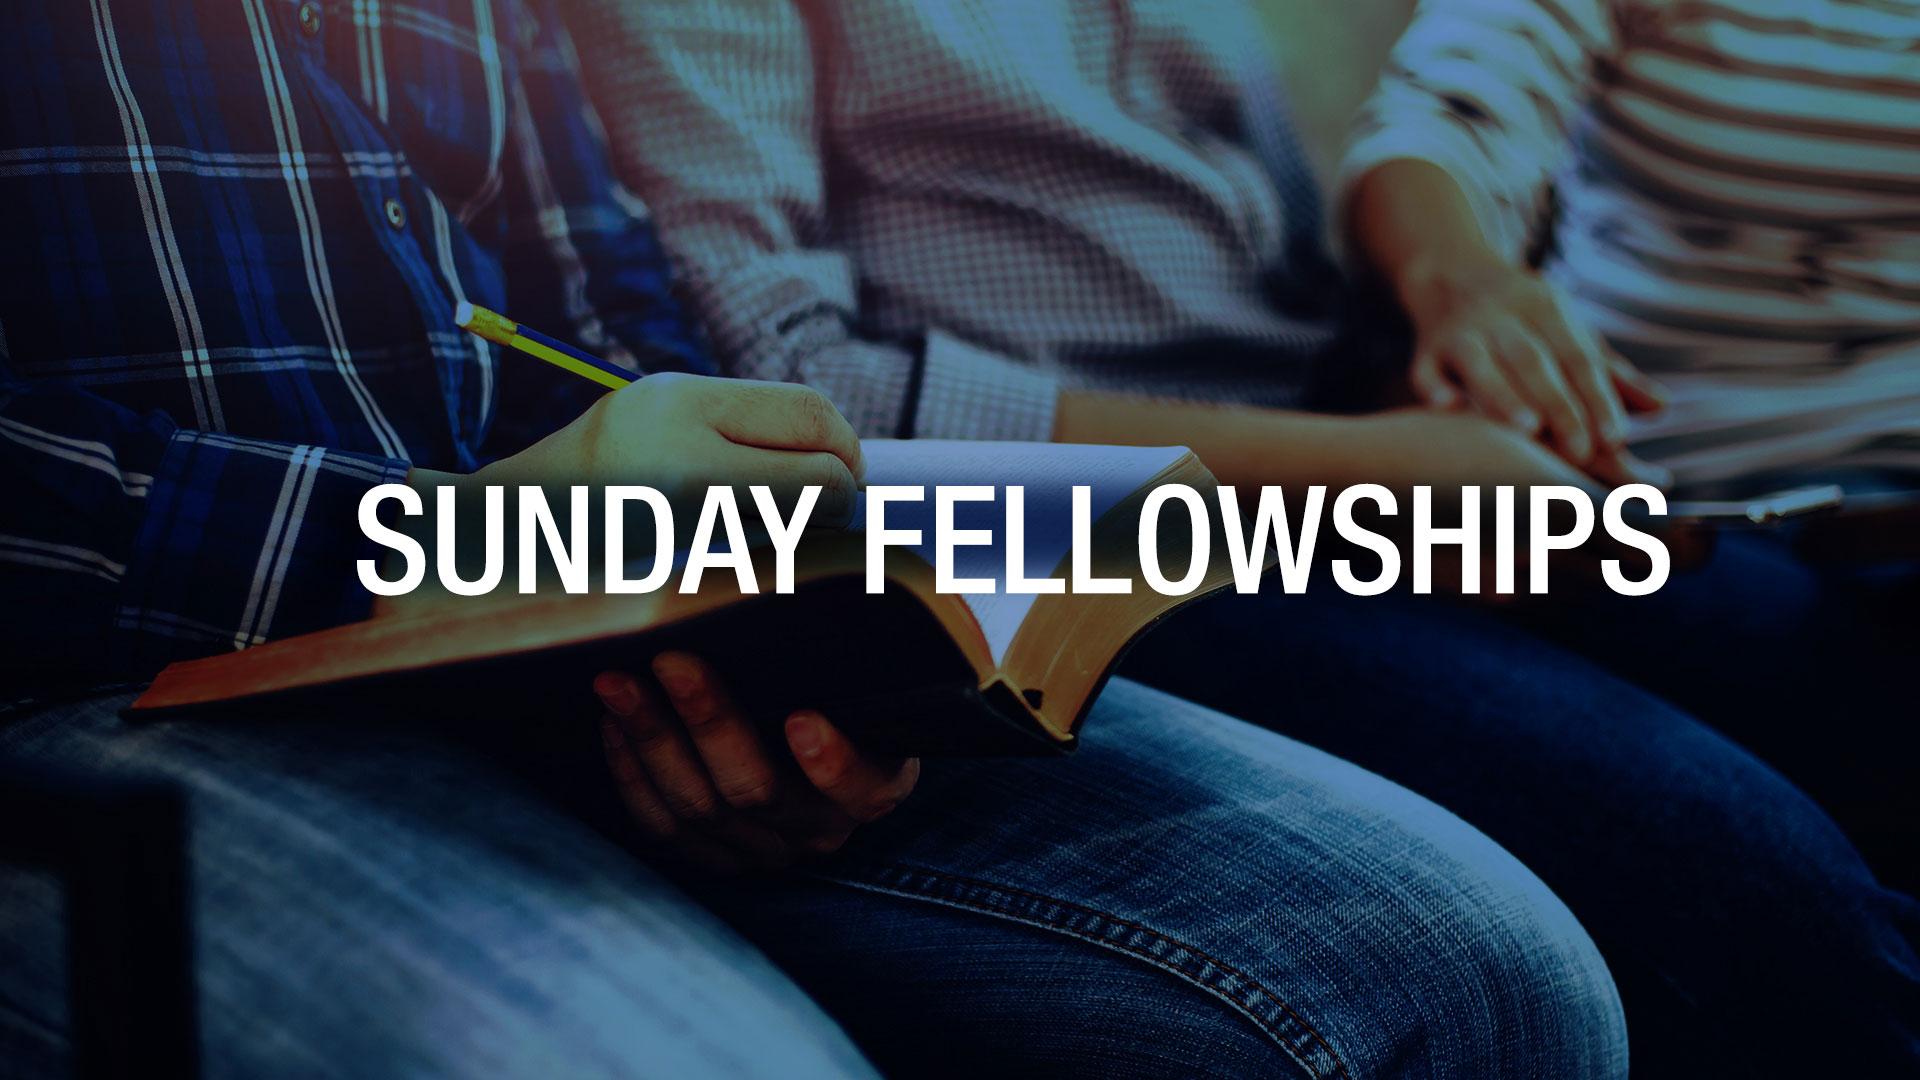 Sunday Fellowships